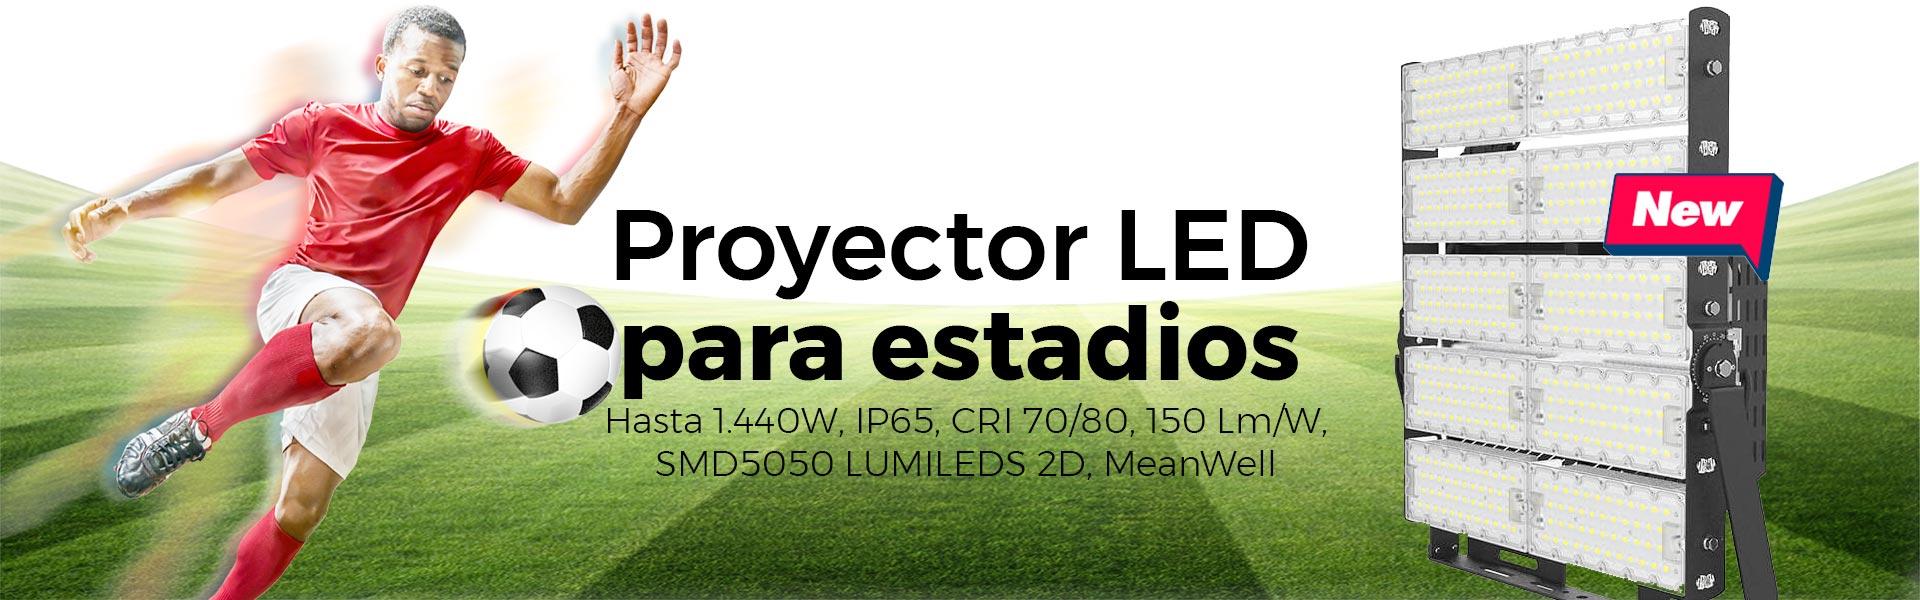 Comprar proyectores de LED para estadios de futbol y atletismo